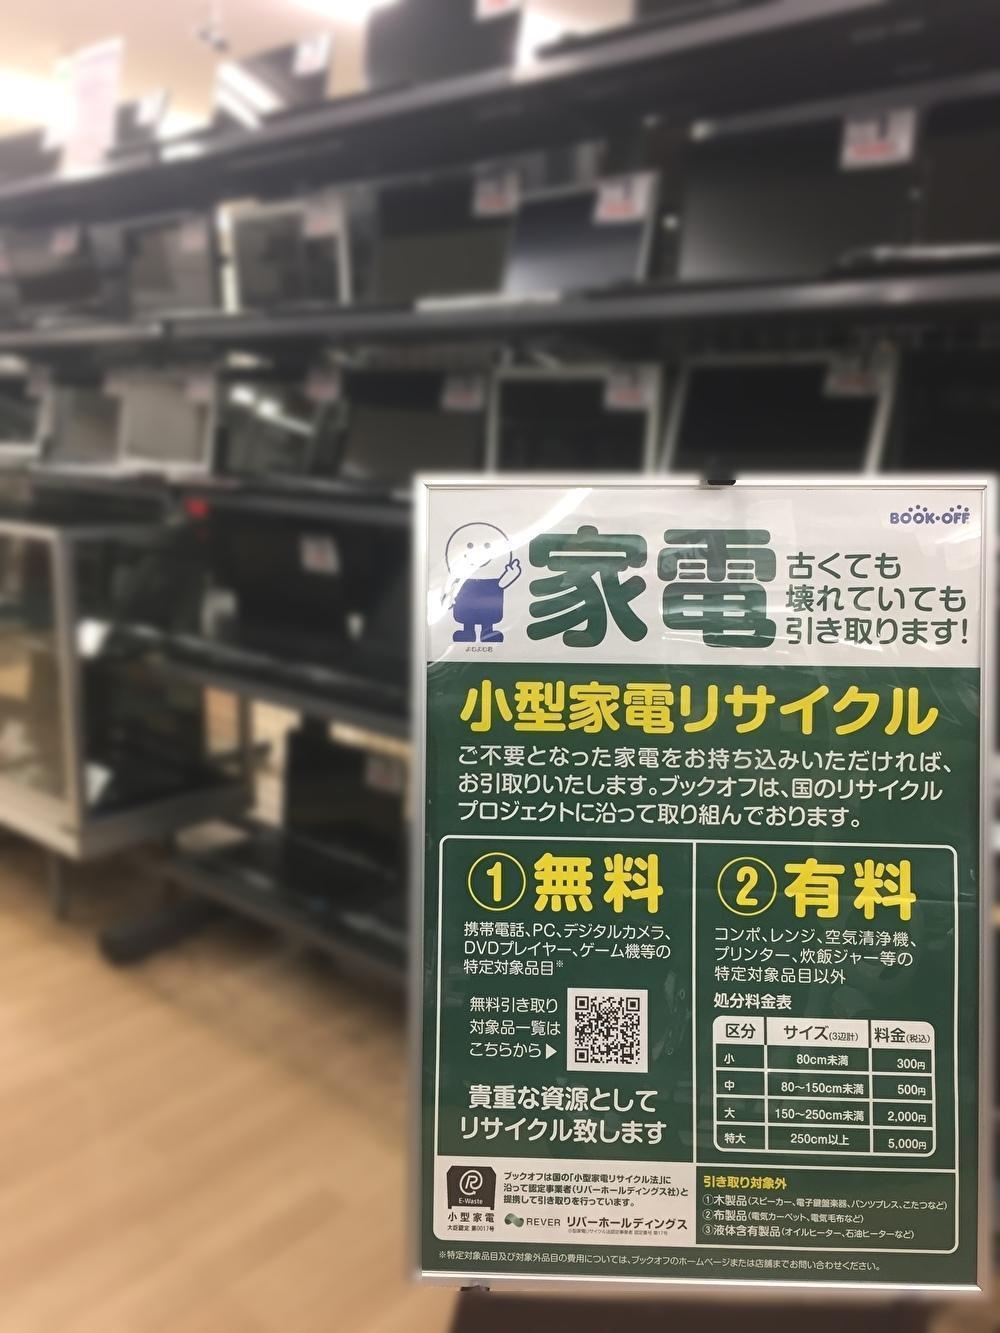 使用済小型家電の引き取りサービス.jpg